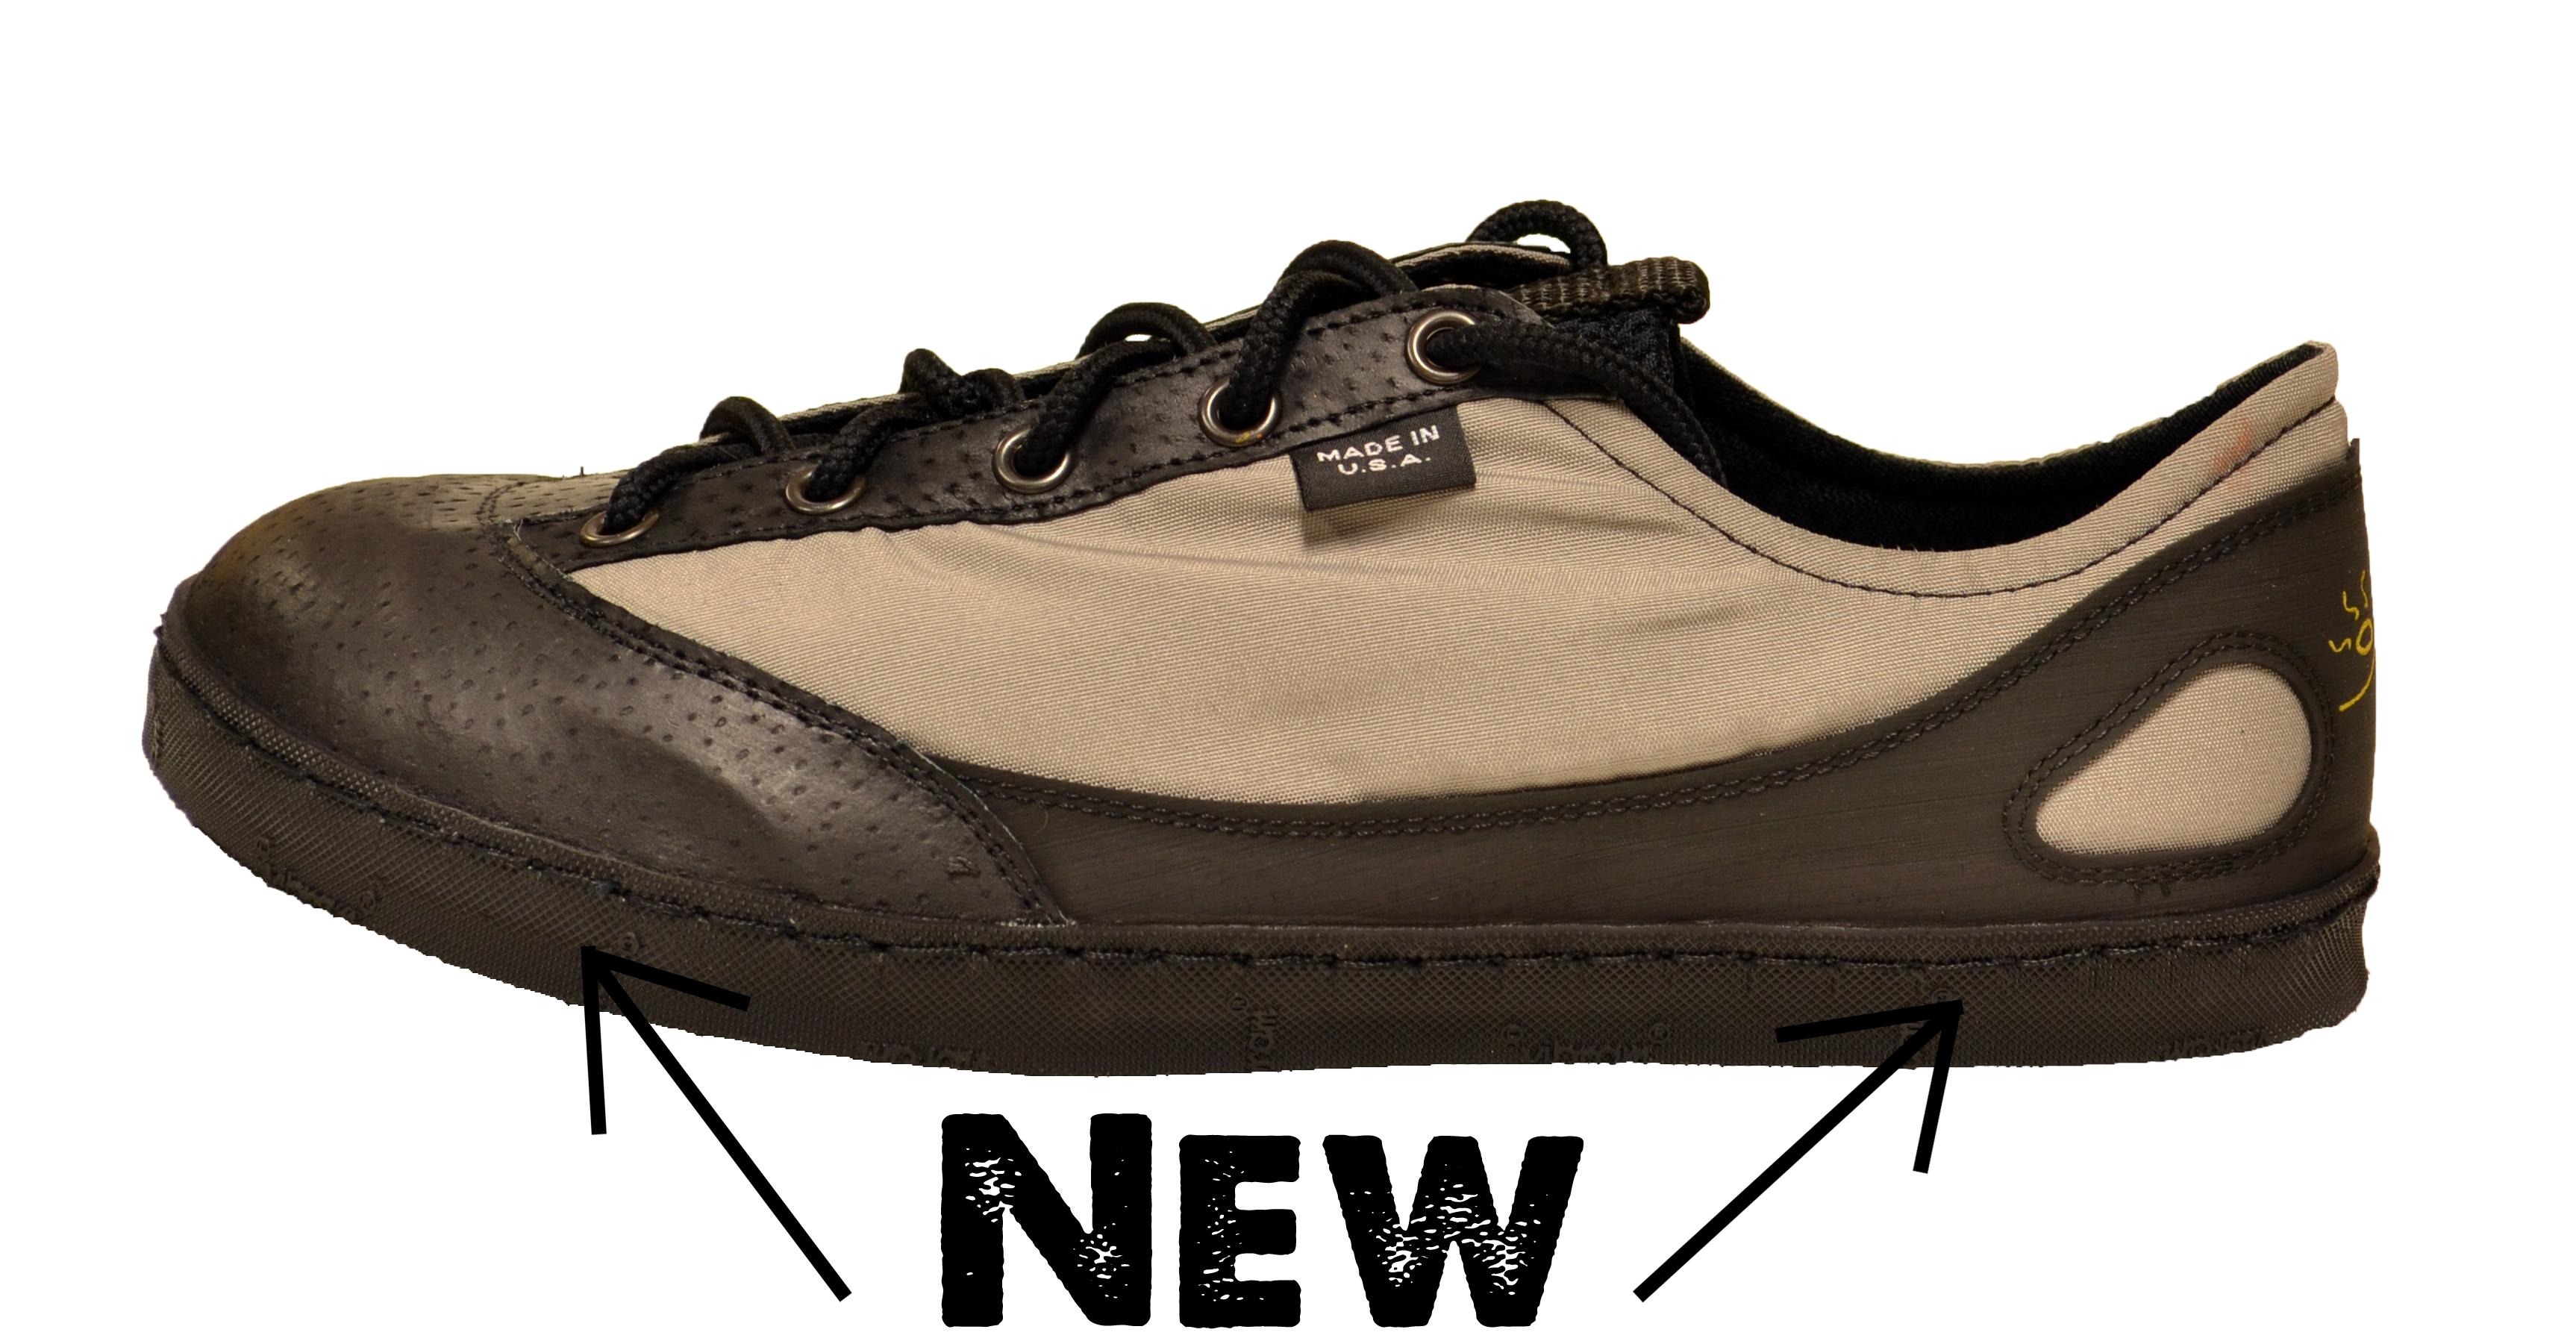 American made sneakers by SOM Footwear.